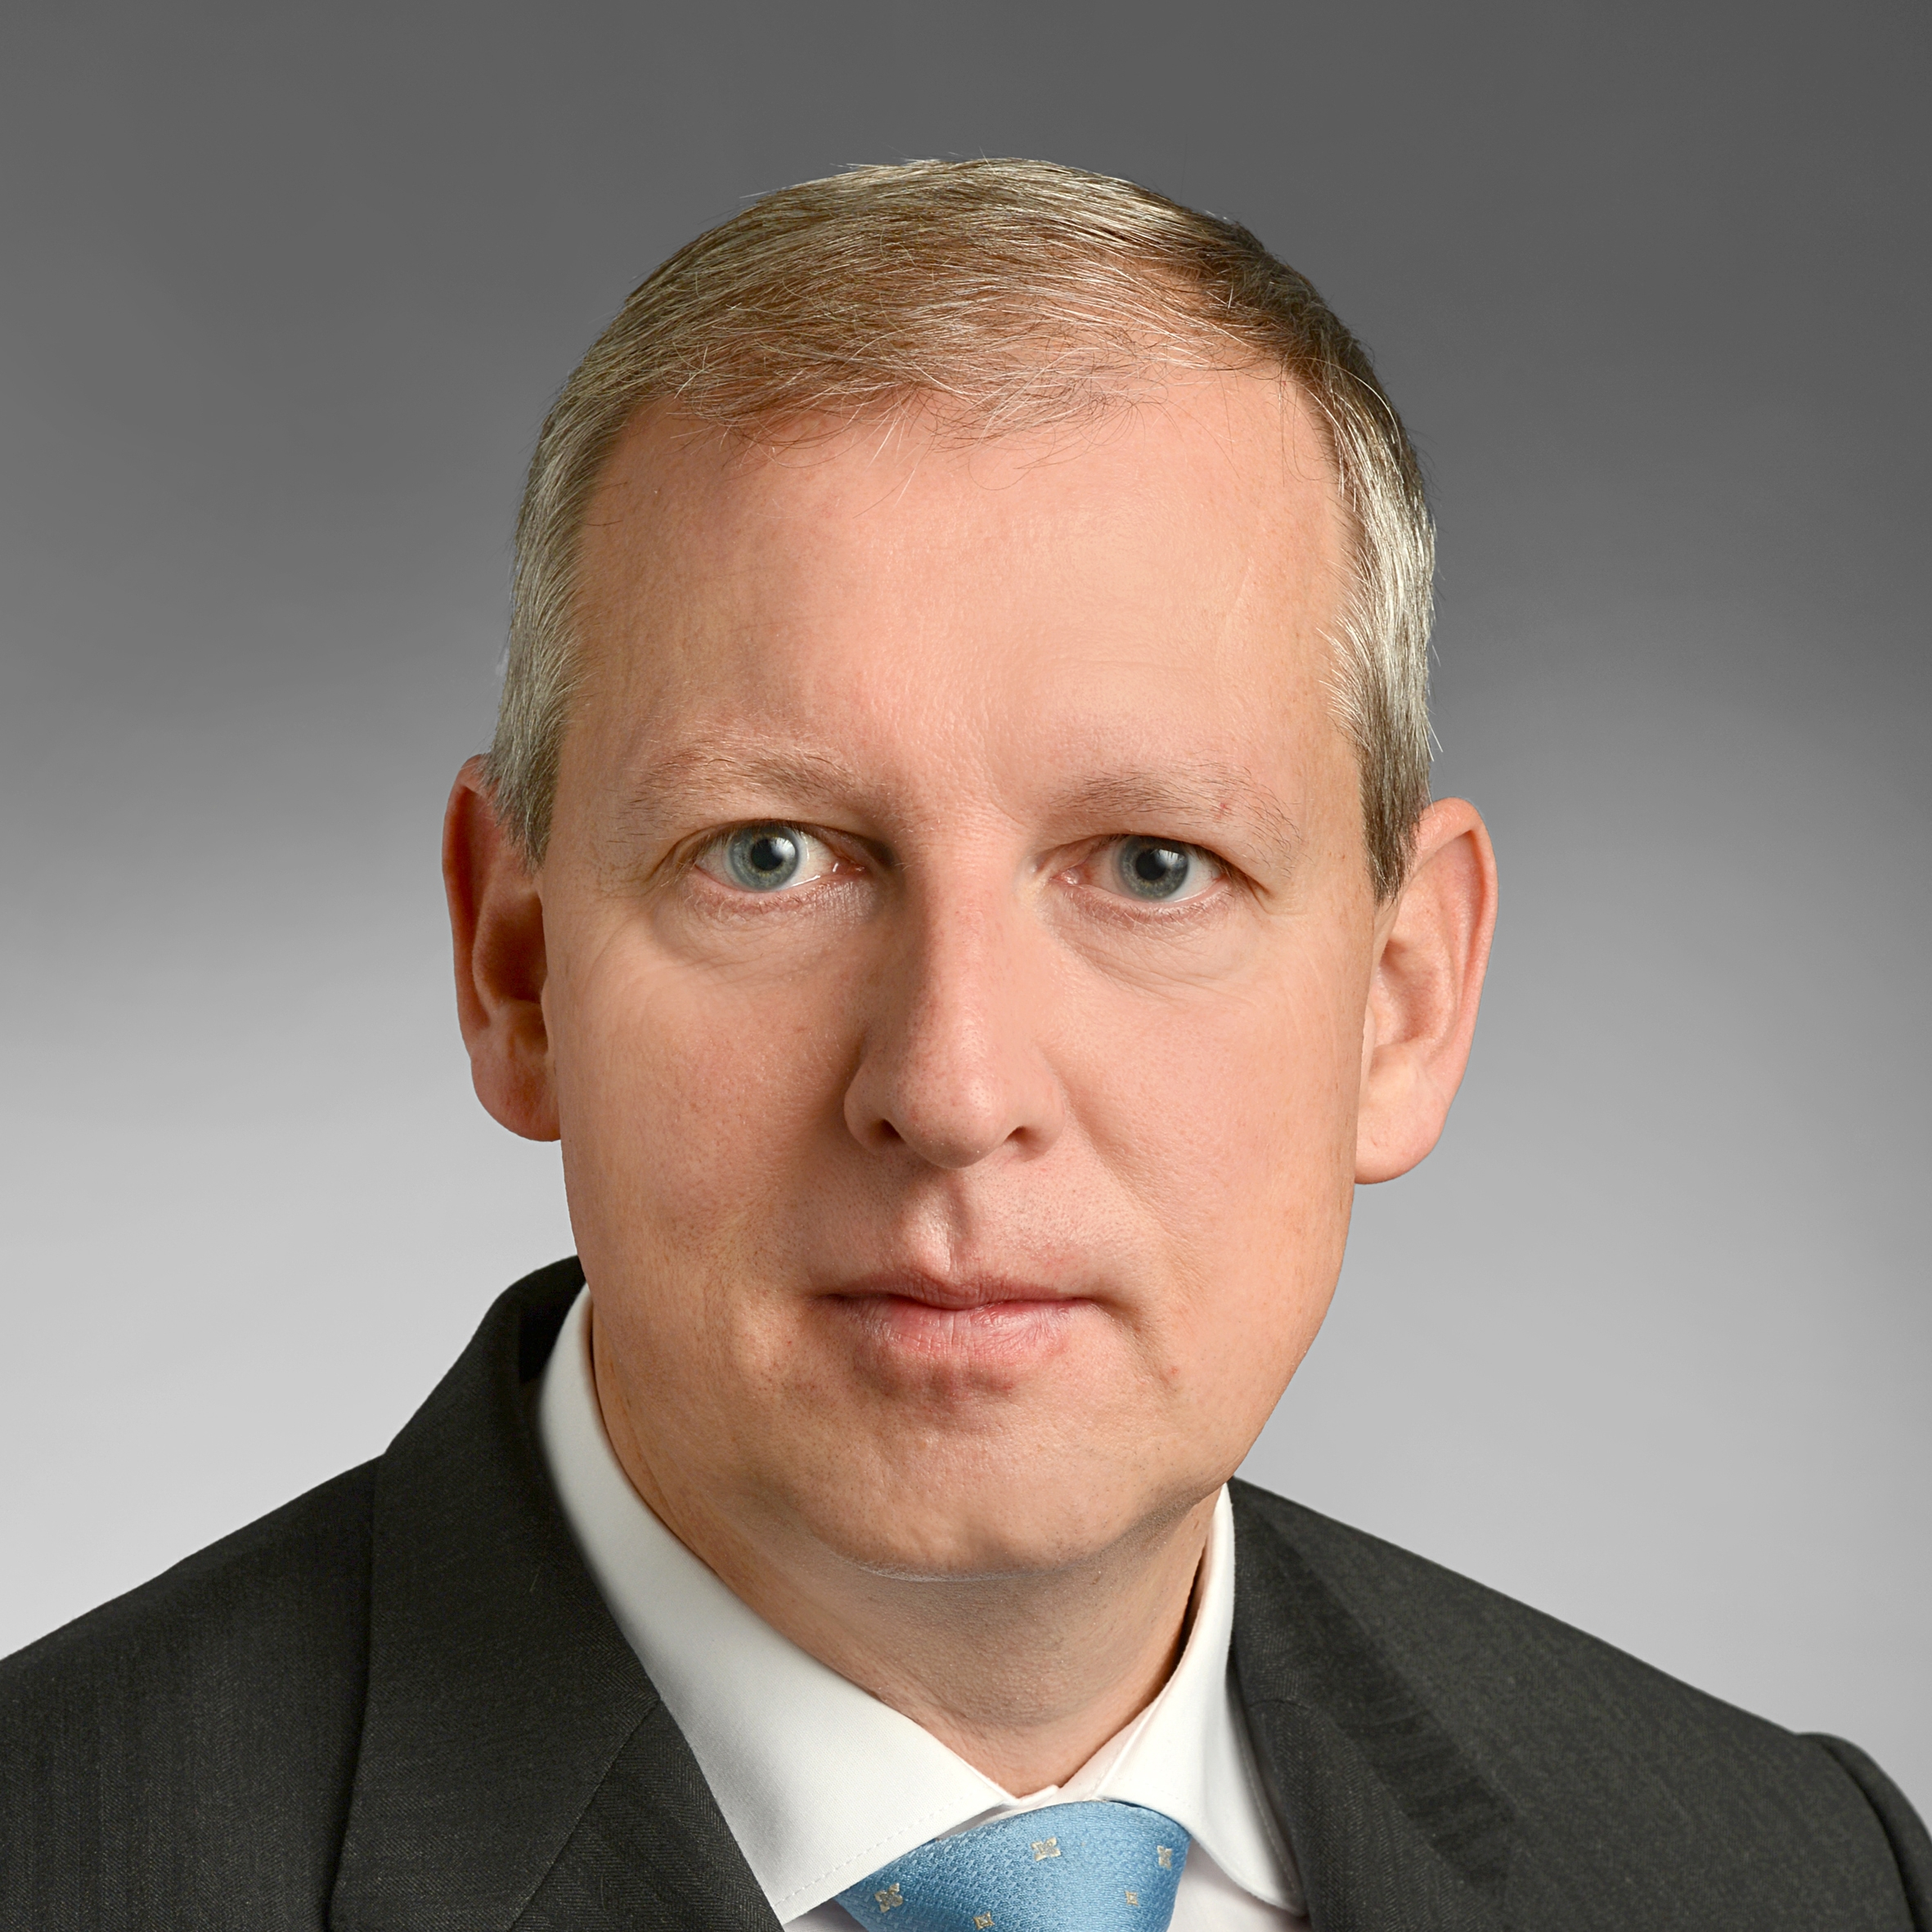 ANDREAS J. KÖESTER, CFA - UBS WEALTH MANAGEMENT